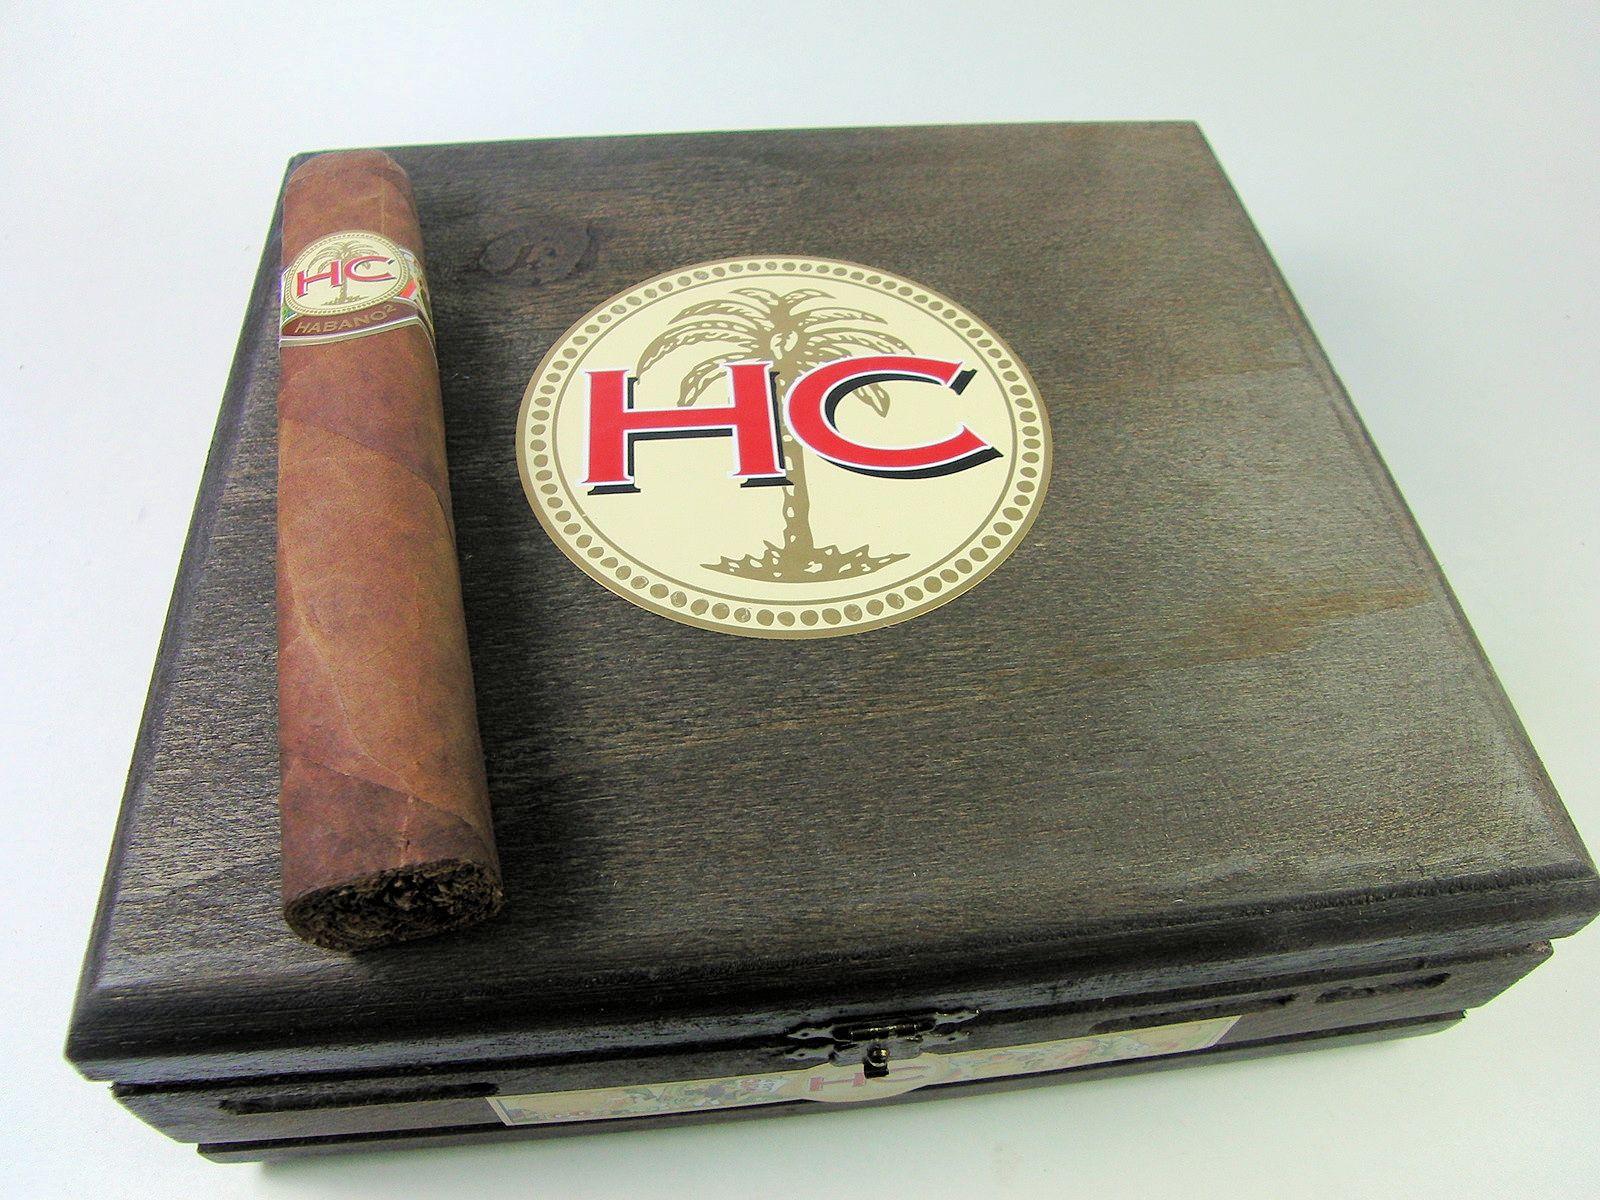 Xikar HC Series Habano 2 Grande    www.SeriousCigars.com